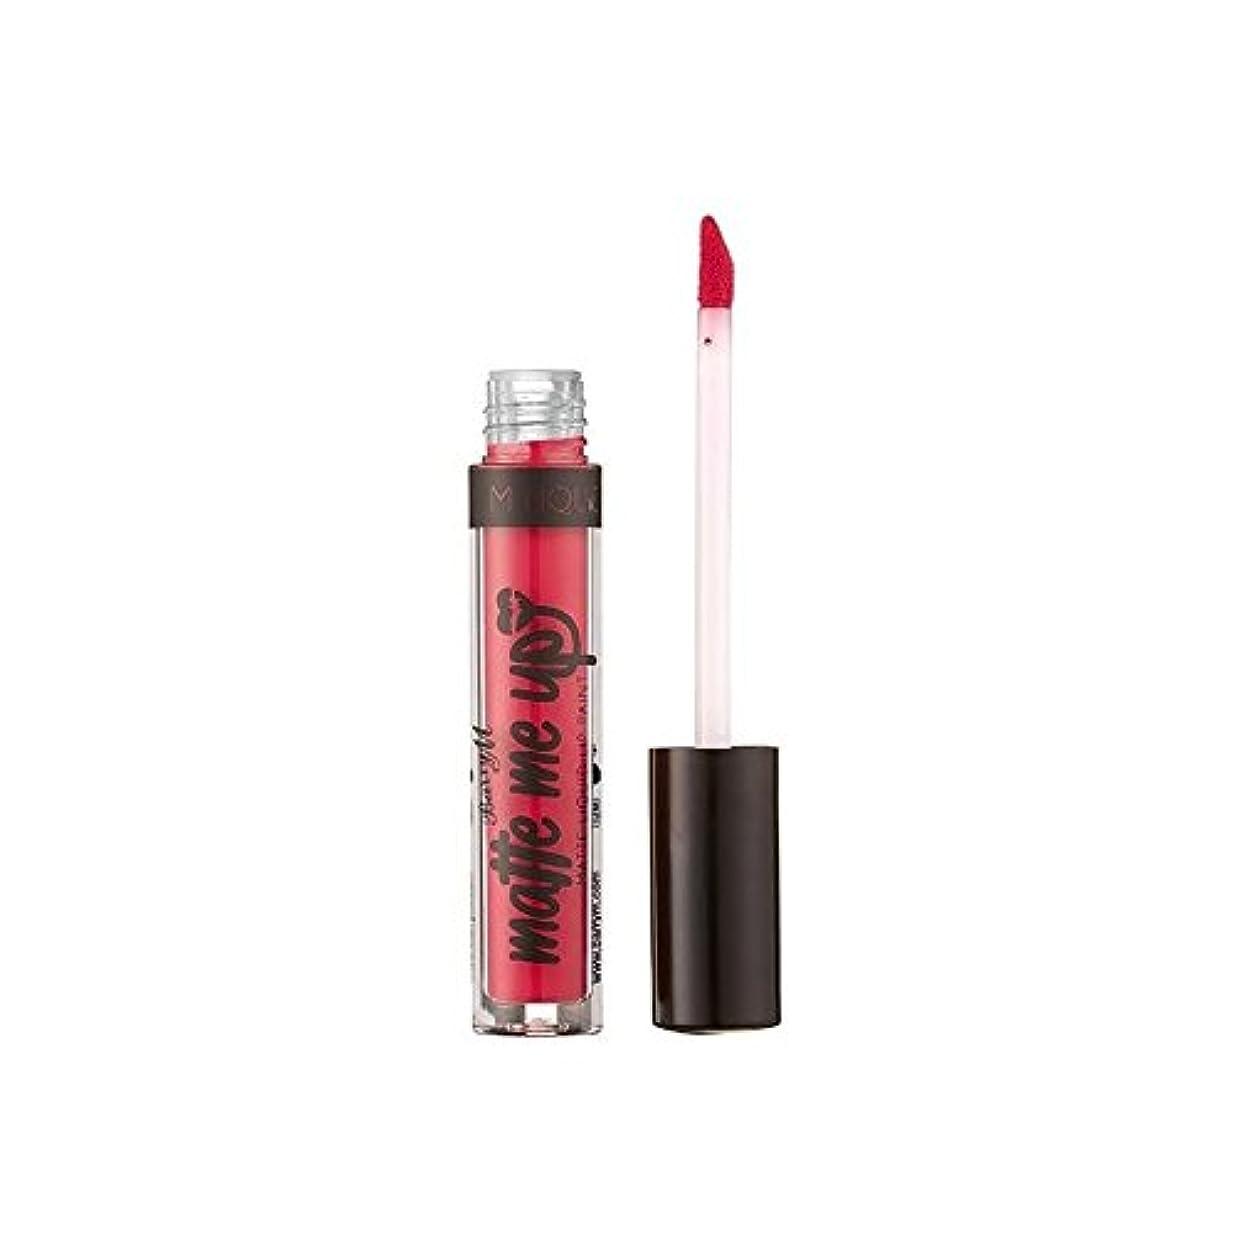 魔女良性こどもセンターBarry M Matte Me Up Liquid Lip Paint -Pop-Up Cherry - バリーは液体リップペイント-アップ桜を私をマット [並行輸入品]